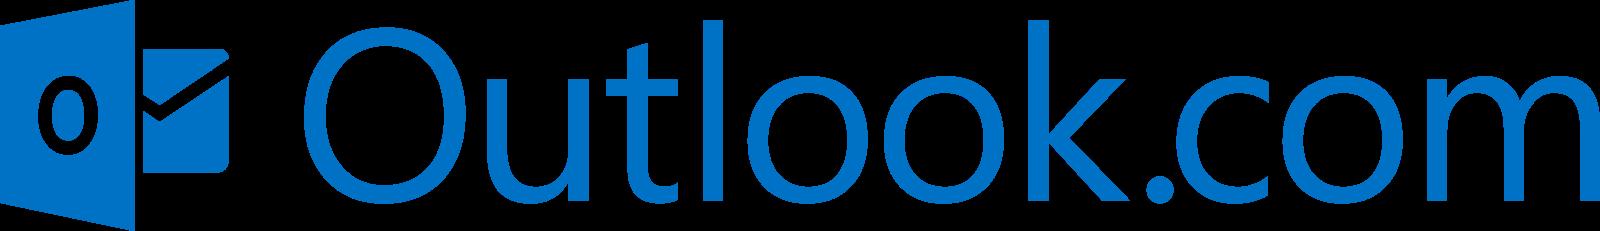 Outlook-logo-2